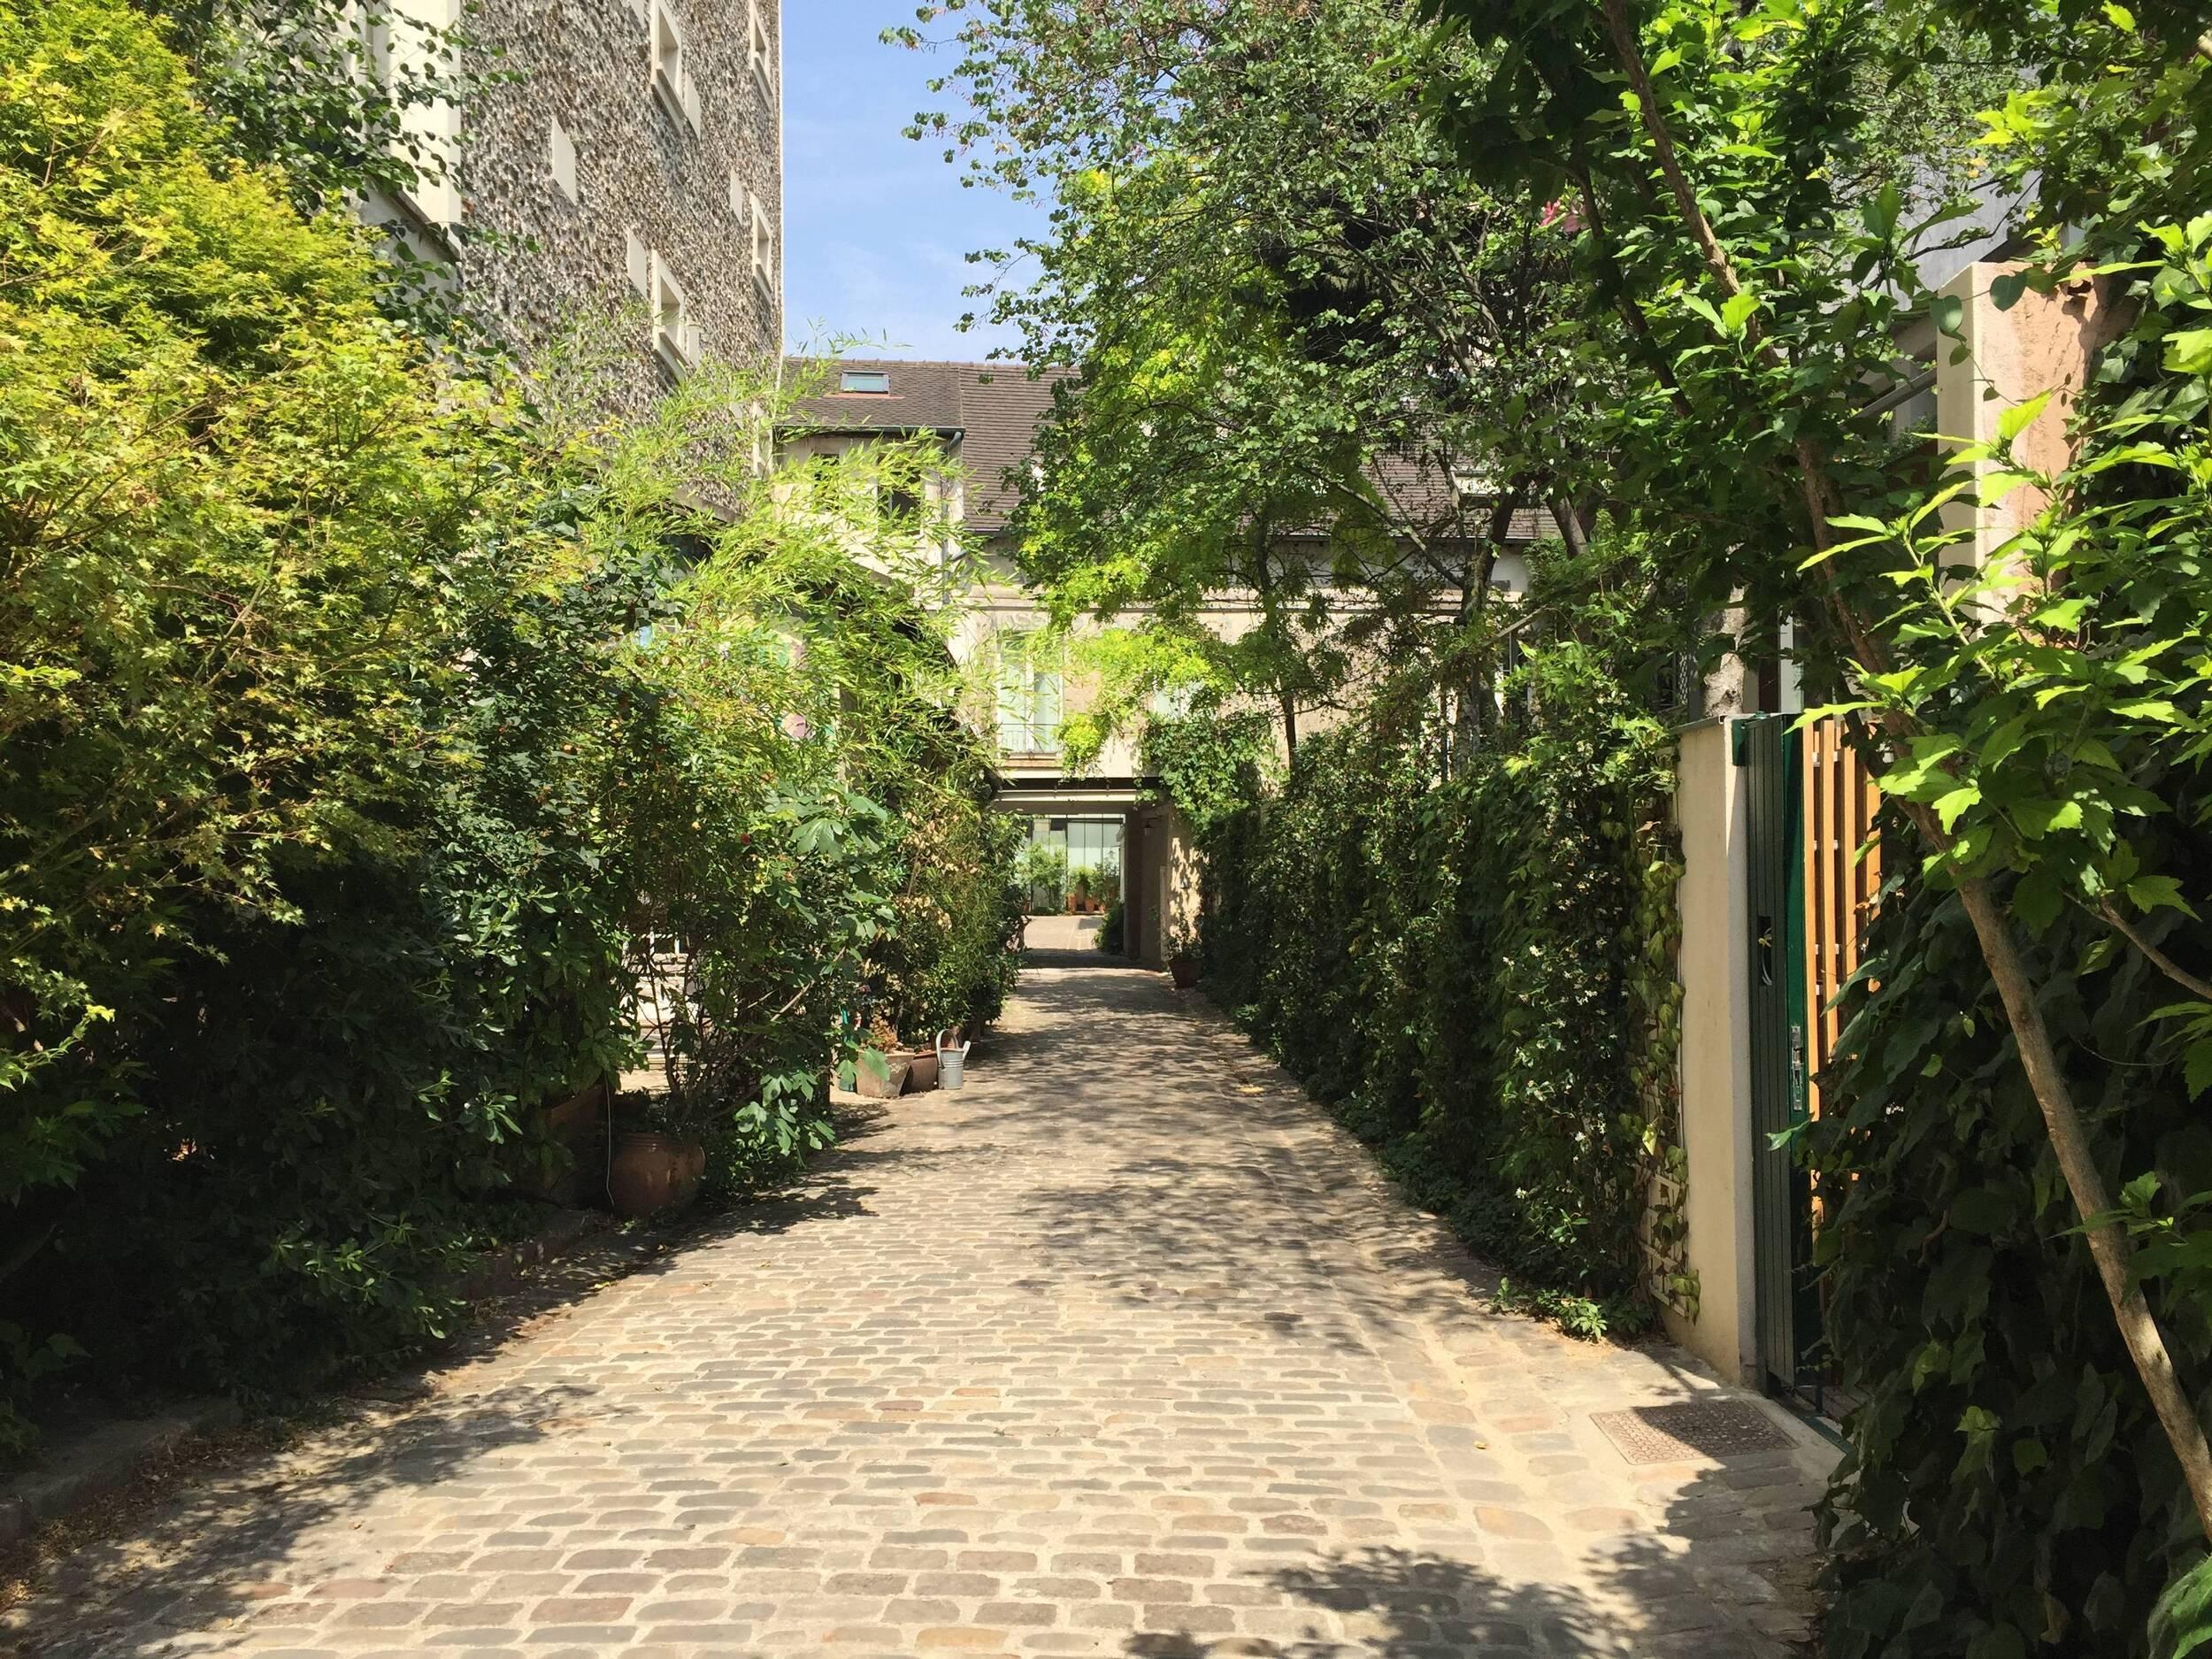 Visite guidée sur place à Paris : Artisanat au Faubourg Saint-AntoineVisite guidée sur place à Paris : Artisanat au Faubourg Saint-Antoine